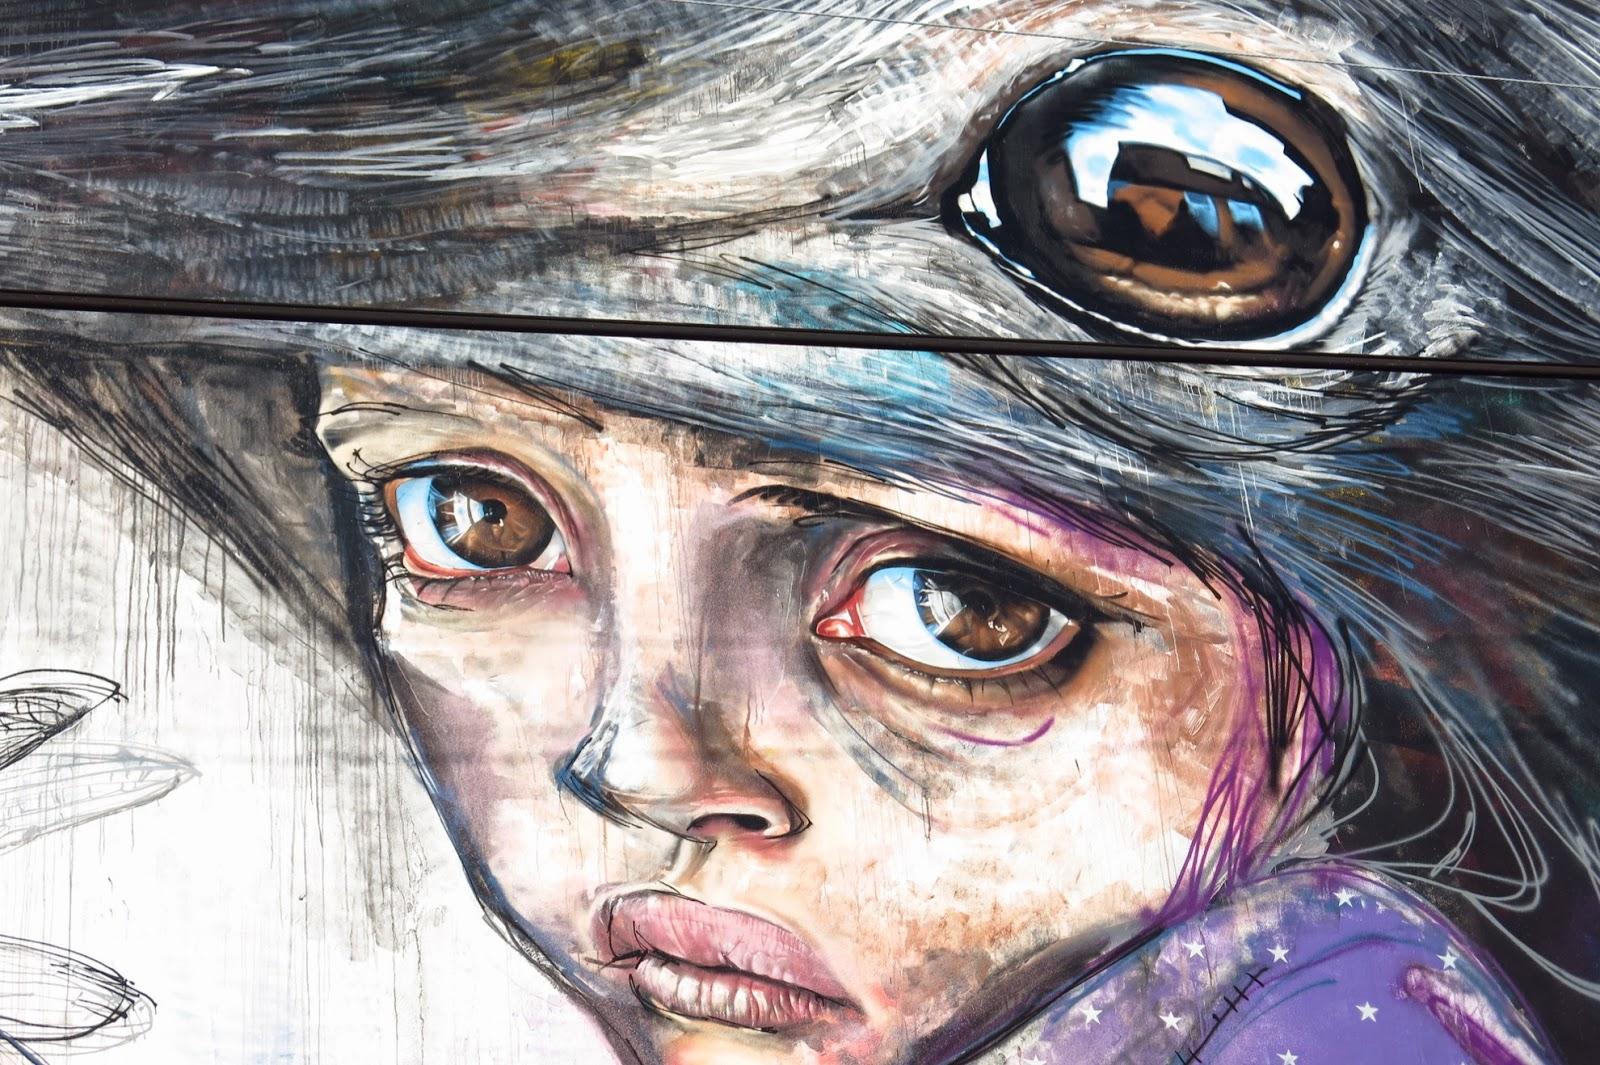 herakut-new-mural-at-art-basel-2014-03